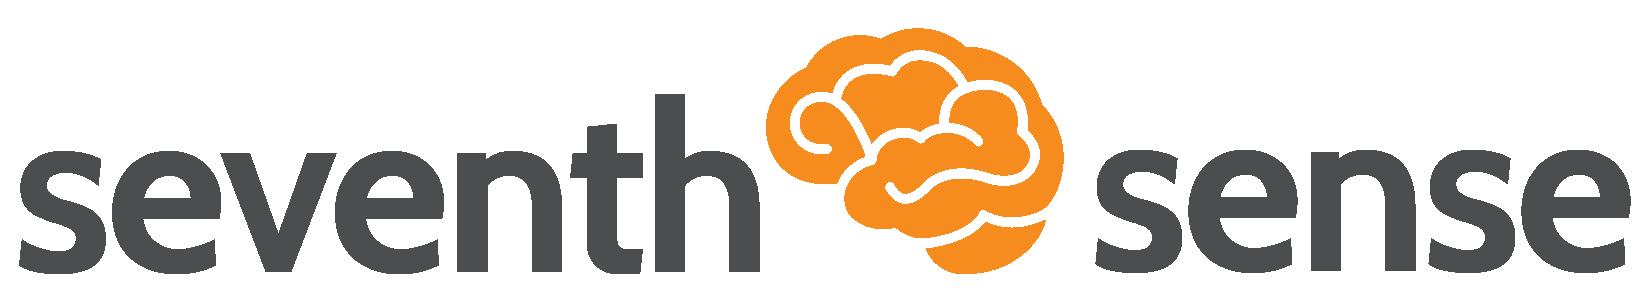 seventh-sense-logo.png